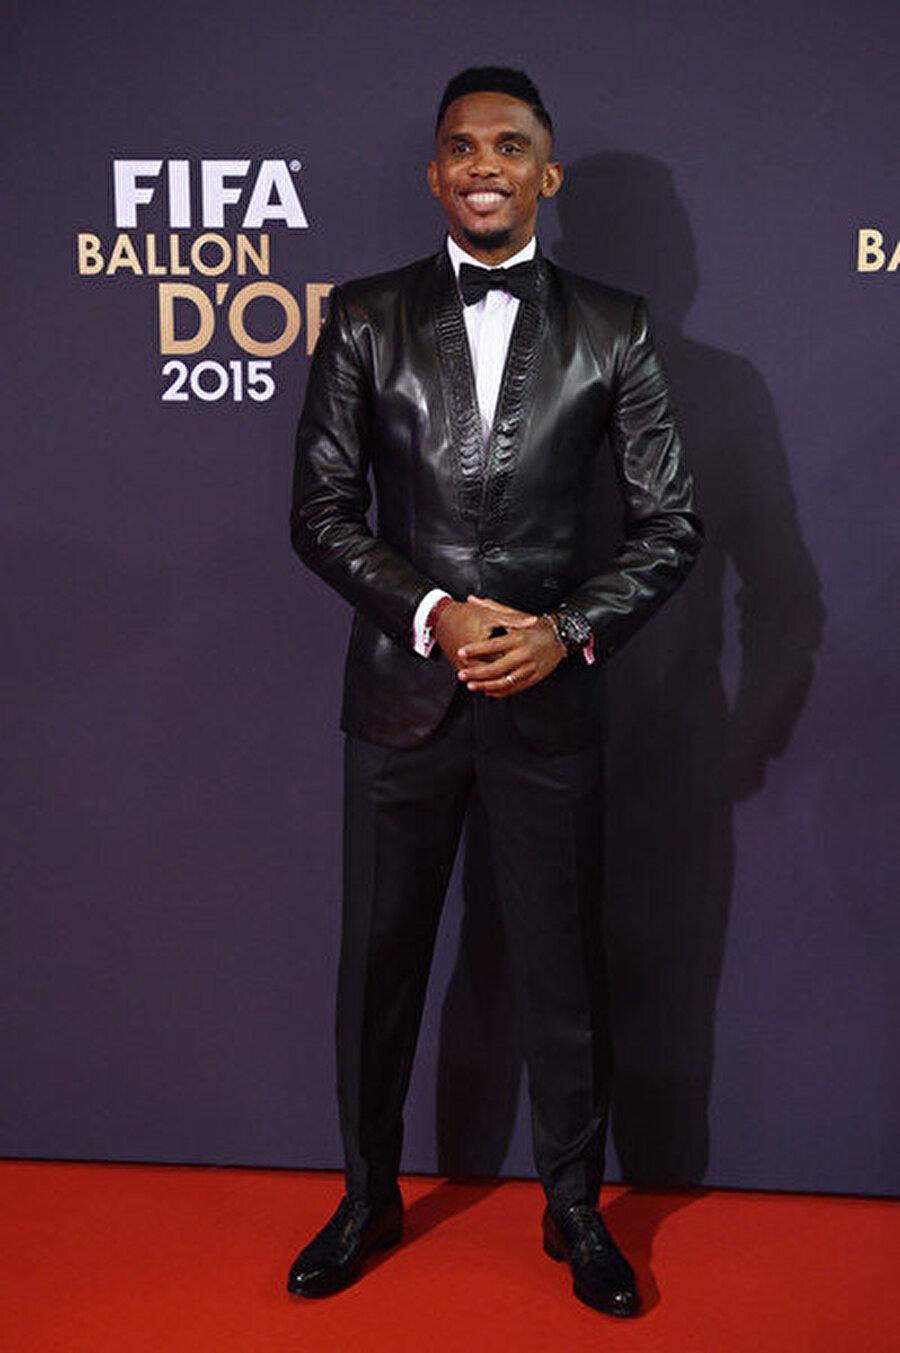 Golden Foot'un sahibi 2010'da FIFA Dünya Kulüpler Kupası'nda Altın Top'un sahibi olan Eto'o, 2006'da UEFA Şampiyonlar Ligi Finali'nde maçın adamı seçildi. Antalyasporlu yıldız 2015'te ise 'Golden Foot' ödülünü aldı.